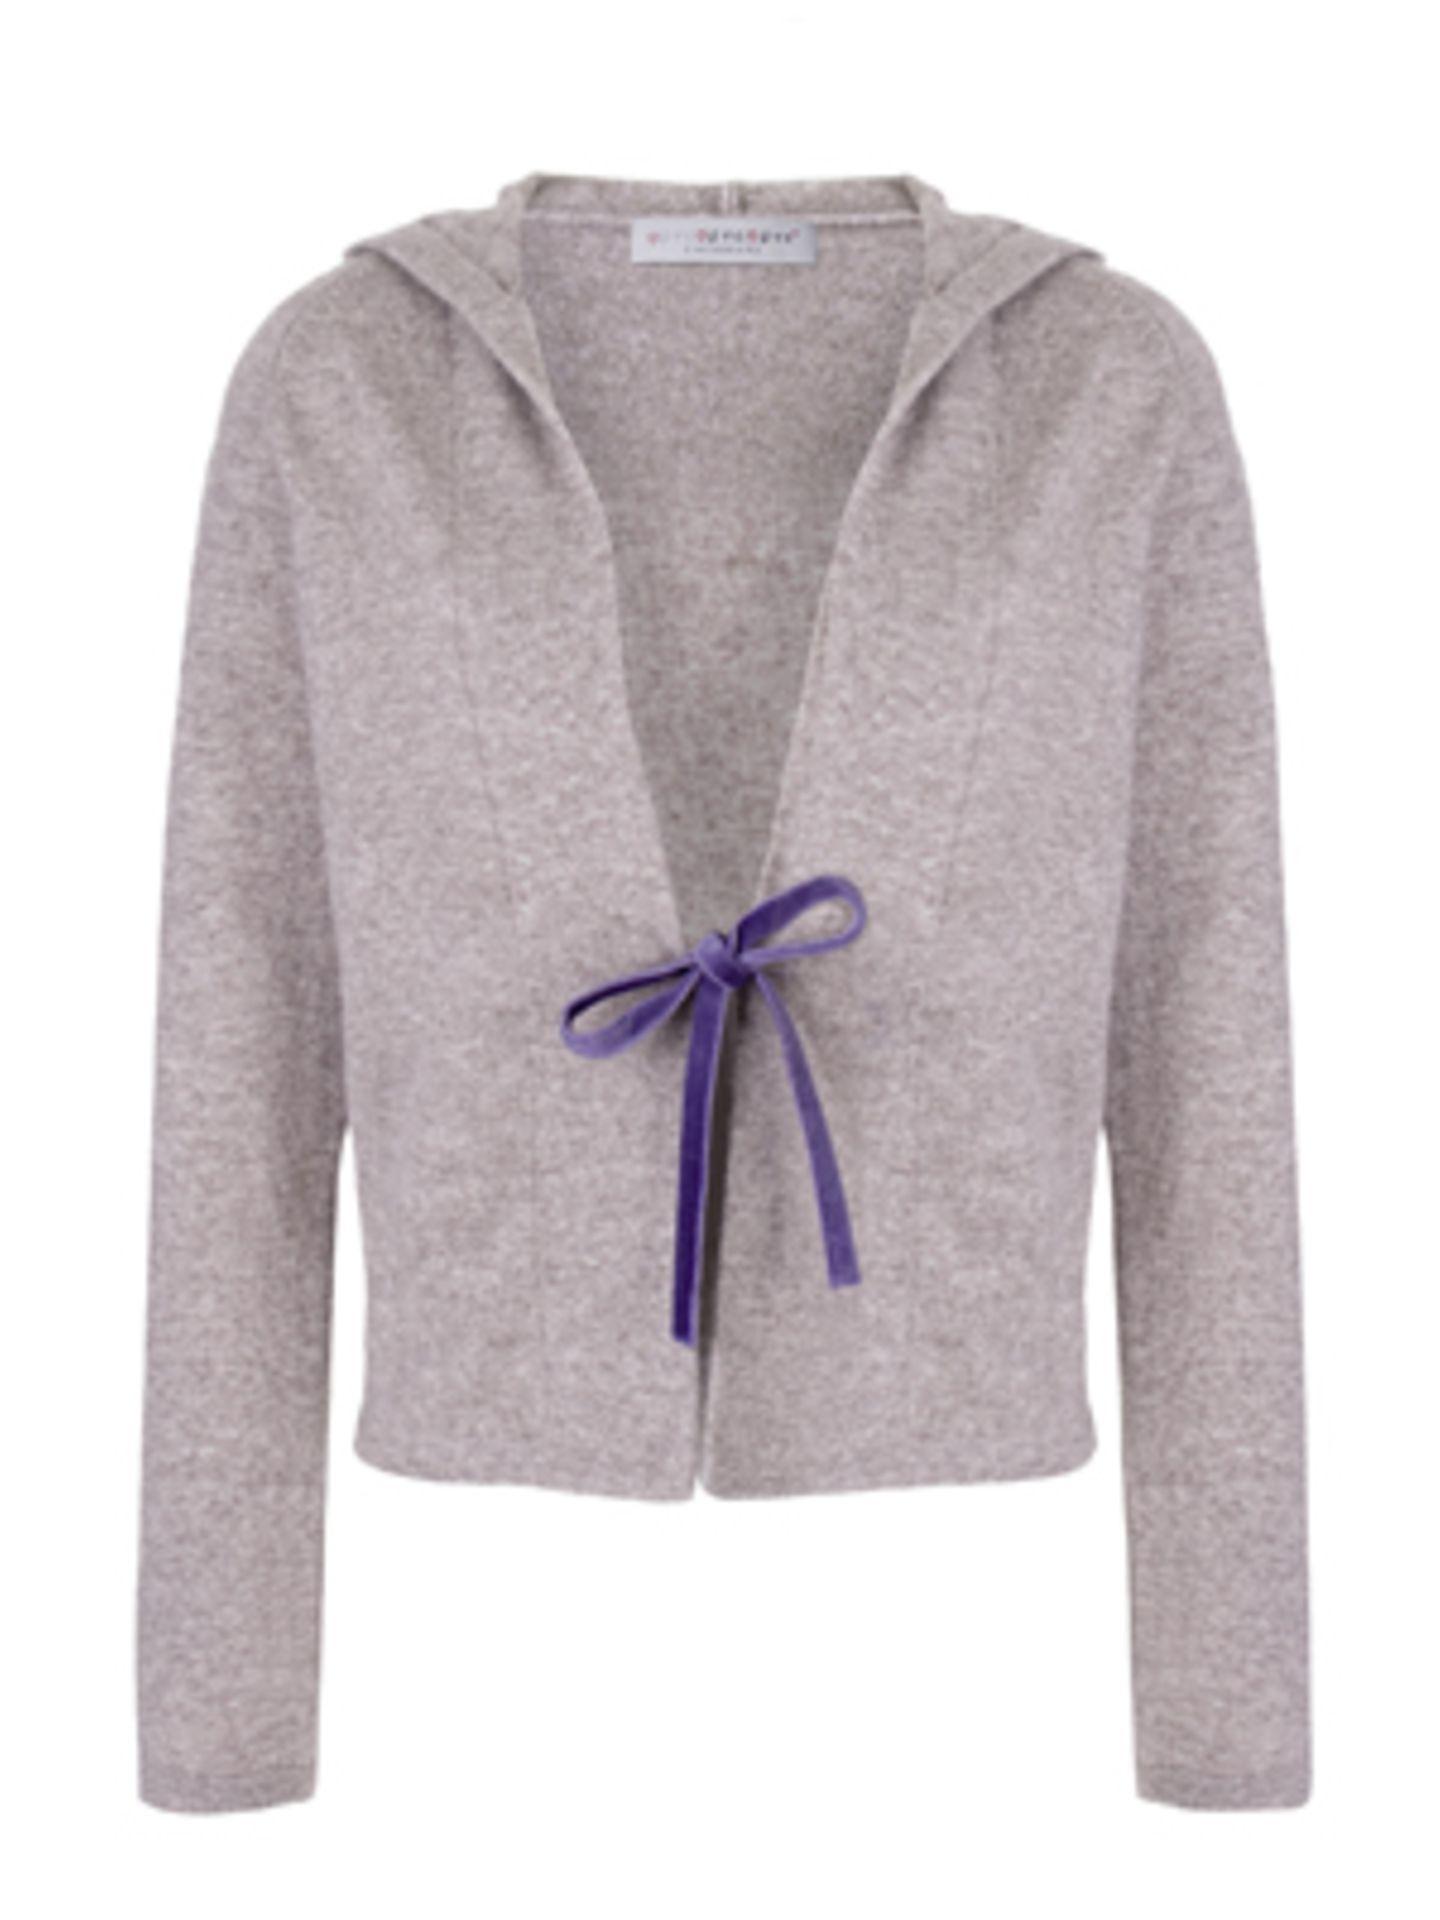 Hochwertige Strickjacke mit lilafarbenem Band vorn von ftc Cashmere, um 230 Euro.